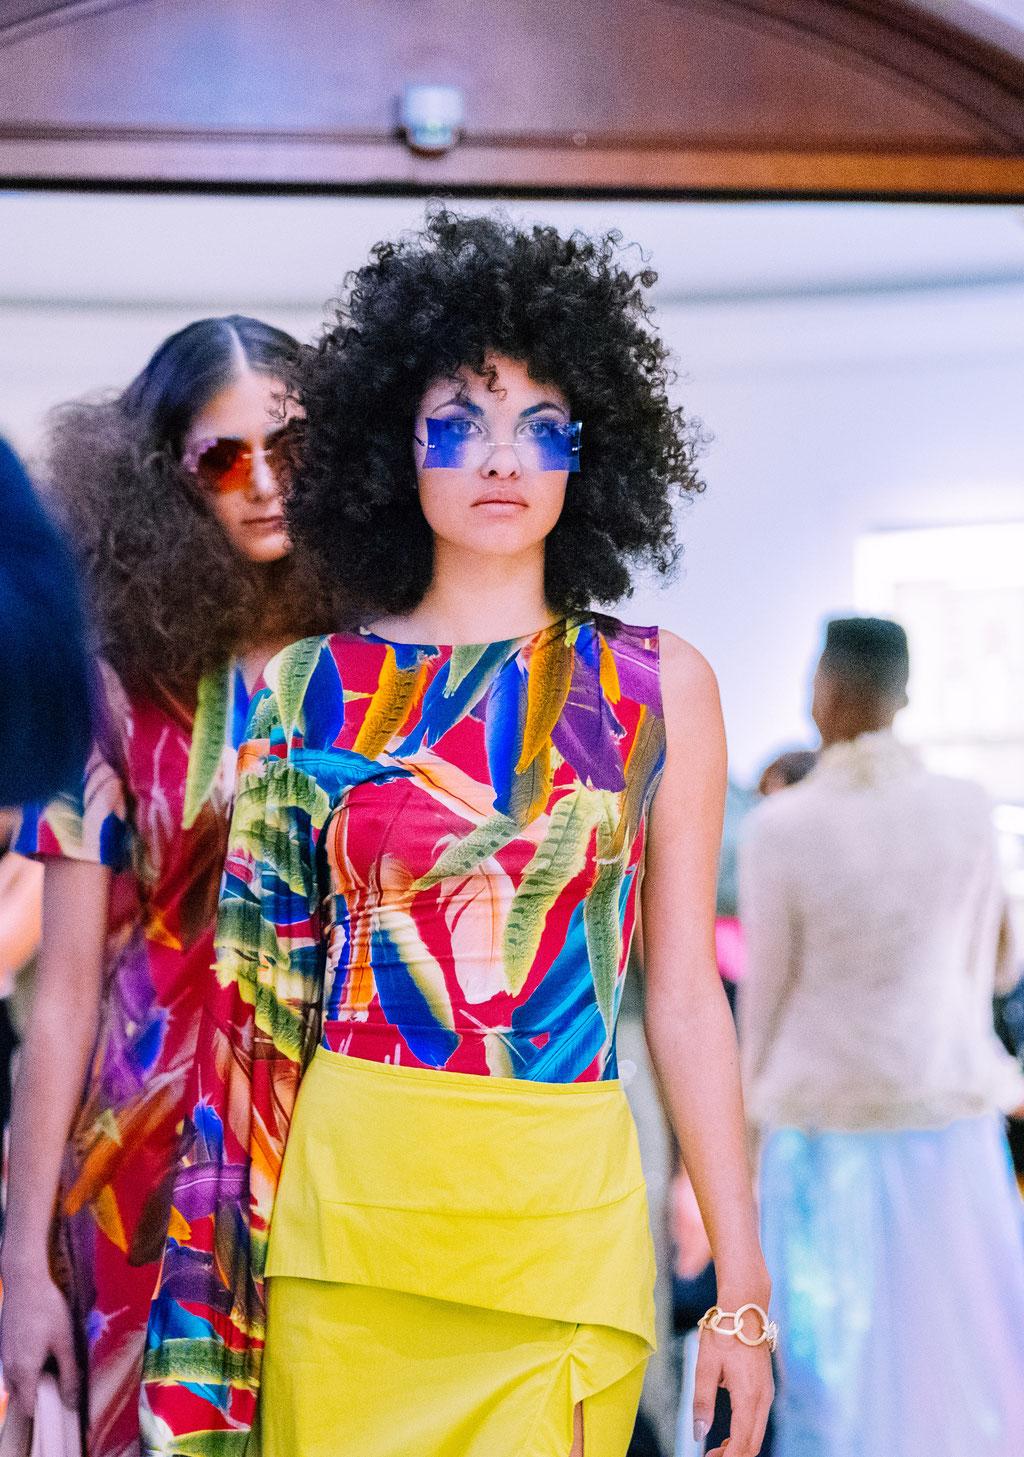 Julianna-FashionWeekBerlin-AnjaGockel-PaulMitchell